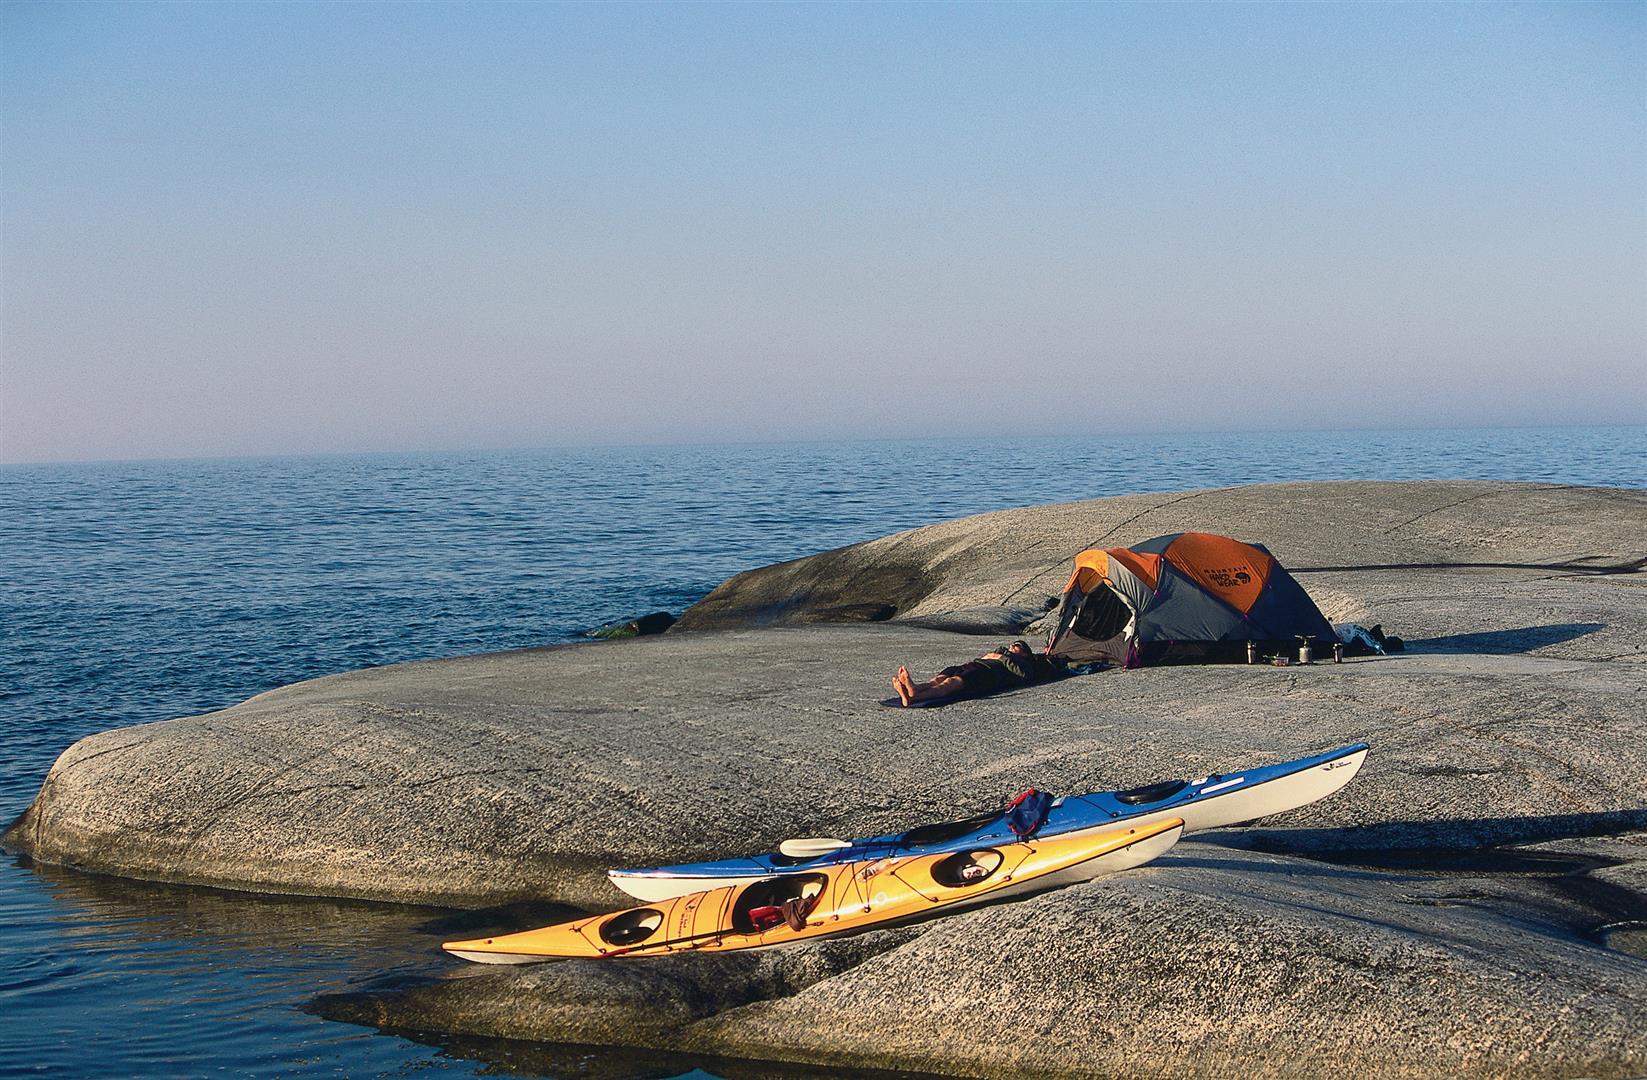 Cerca la tua isola a Stoccolma